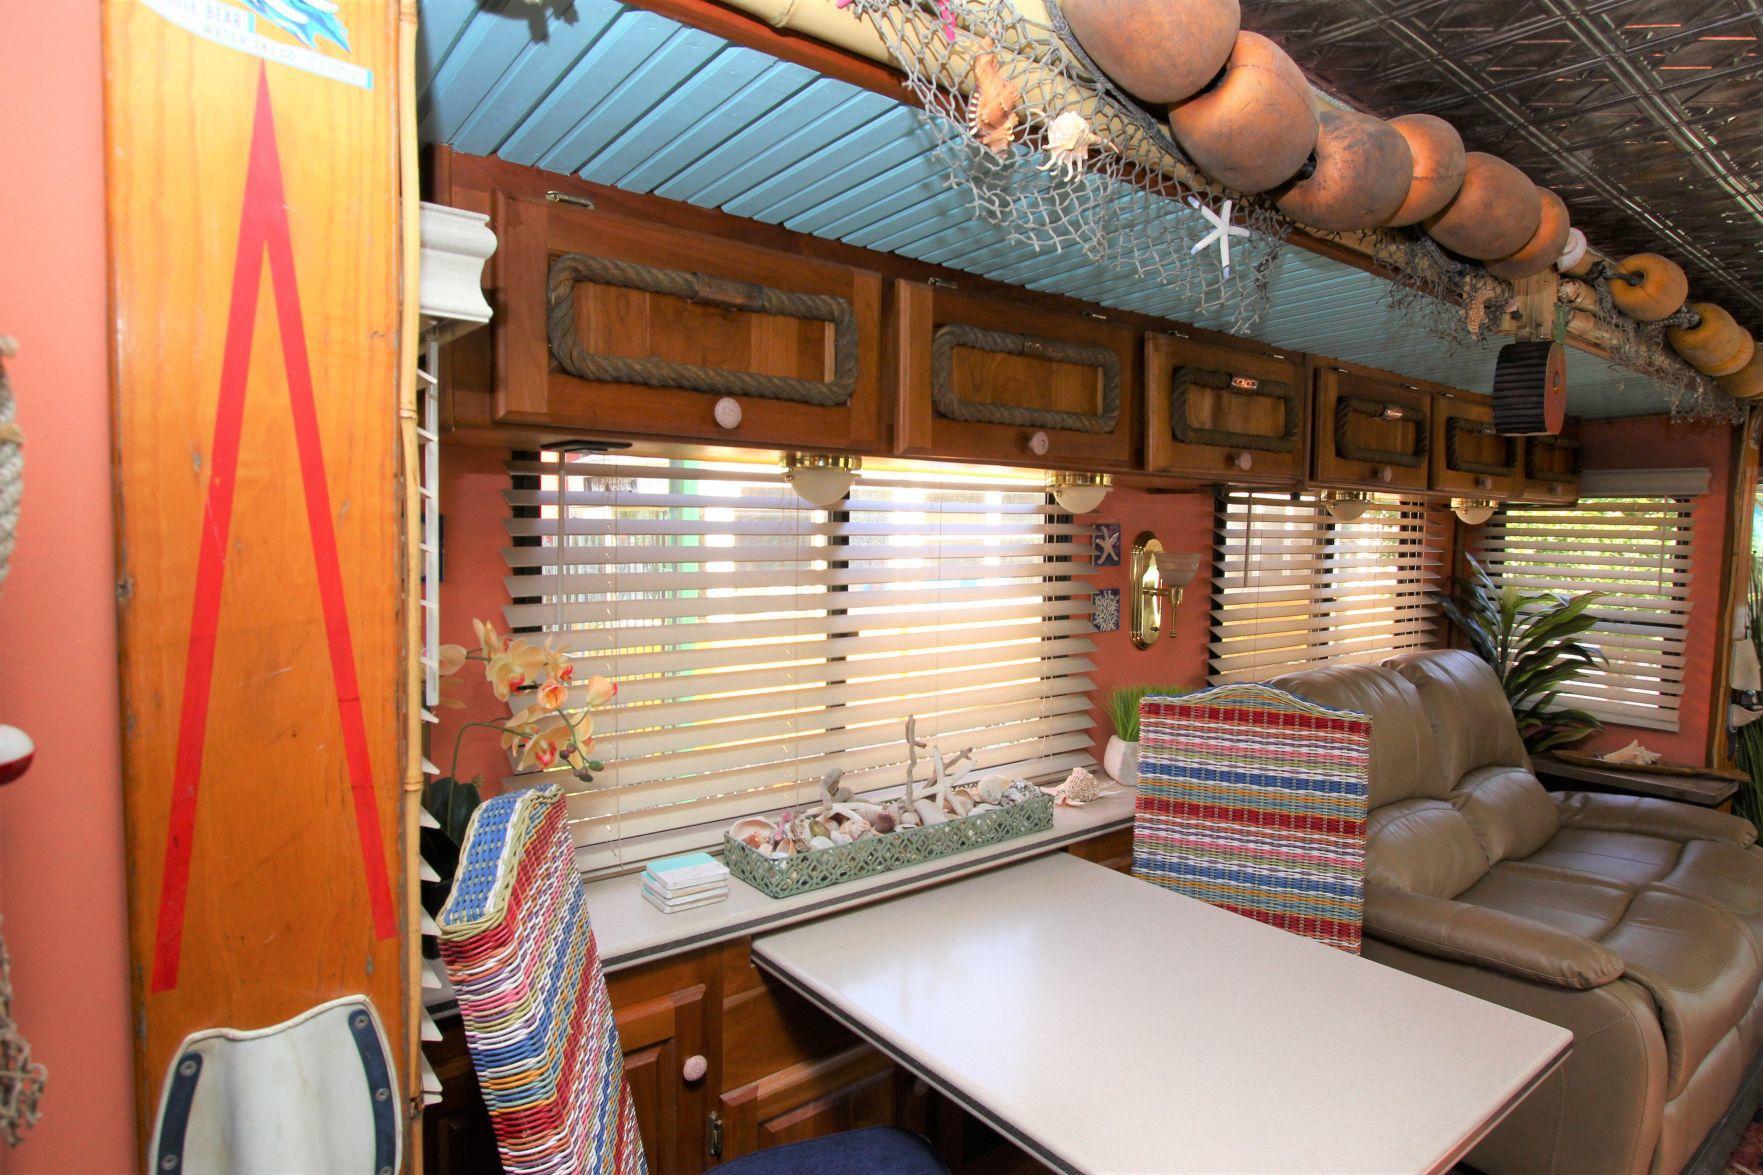 Photos Omaha Couple Transforms Rvs Into Flip Flop Inn Lazy Bear Lodge Omaha Com